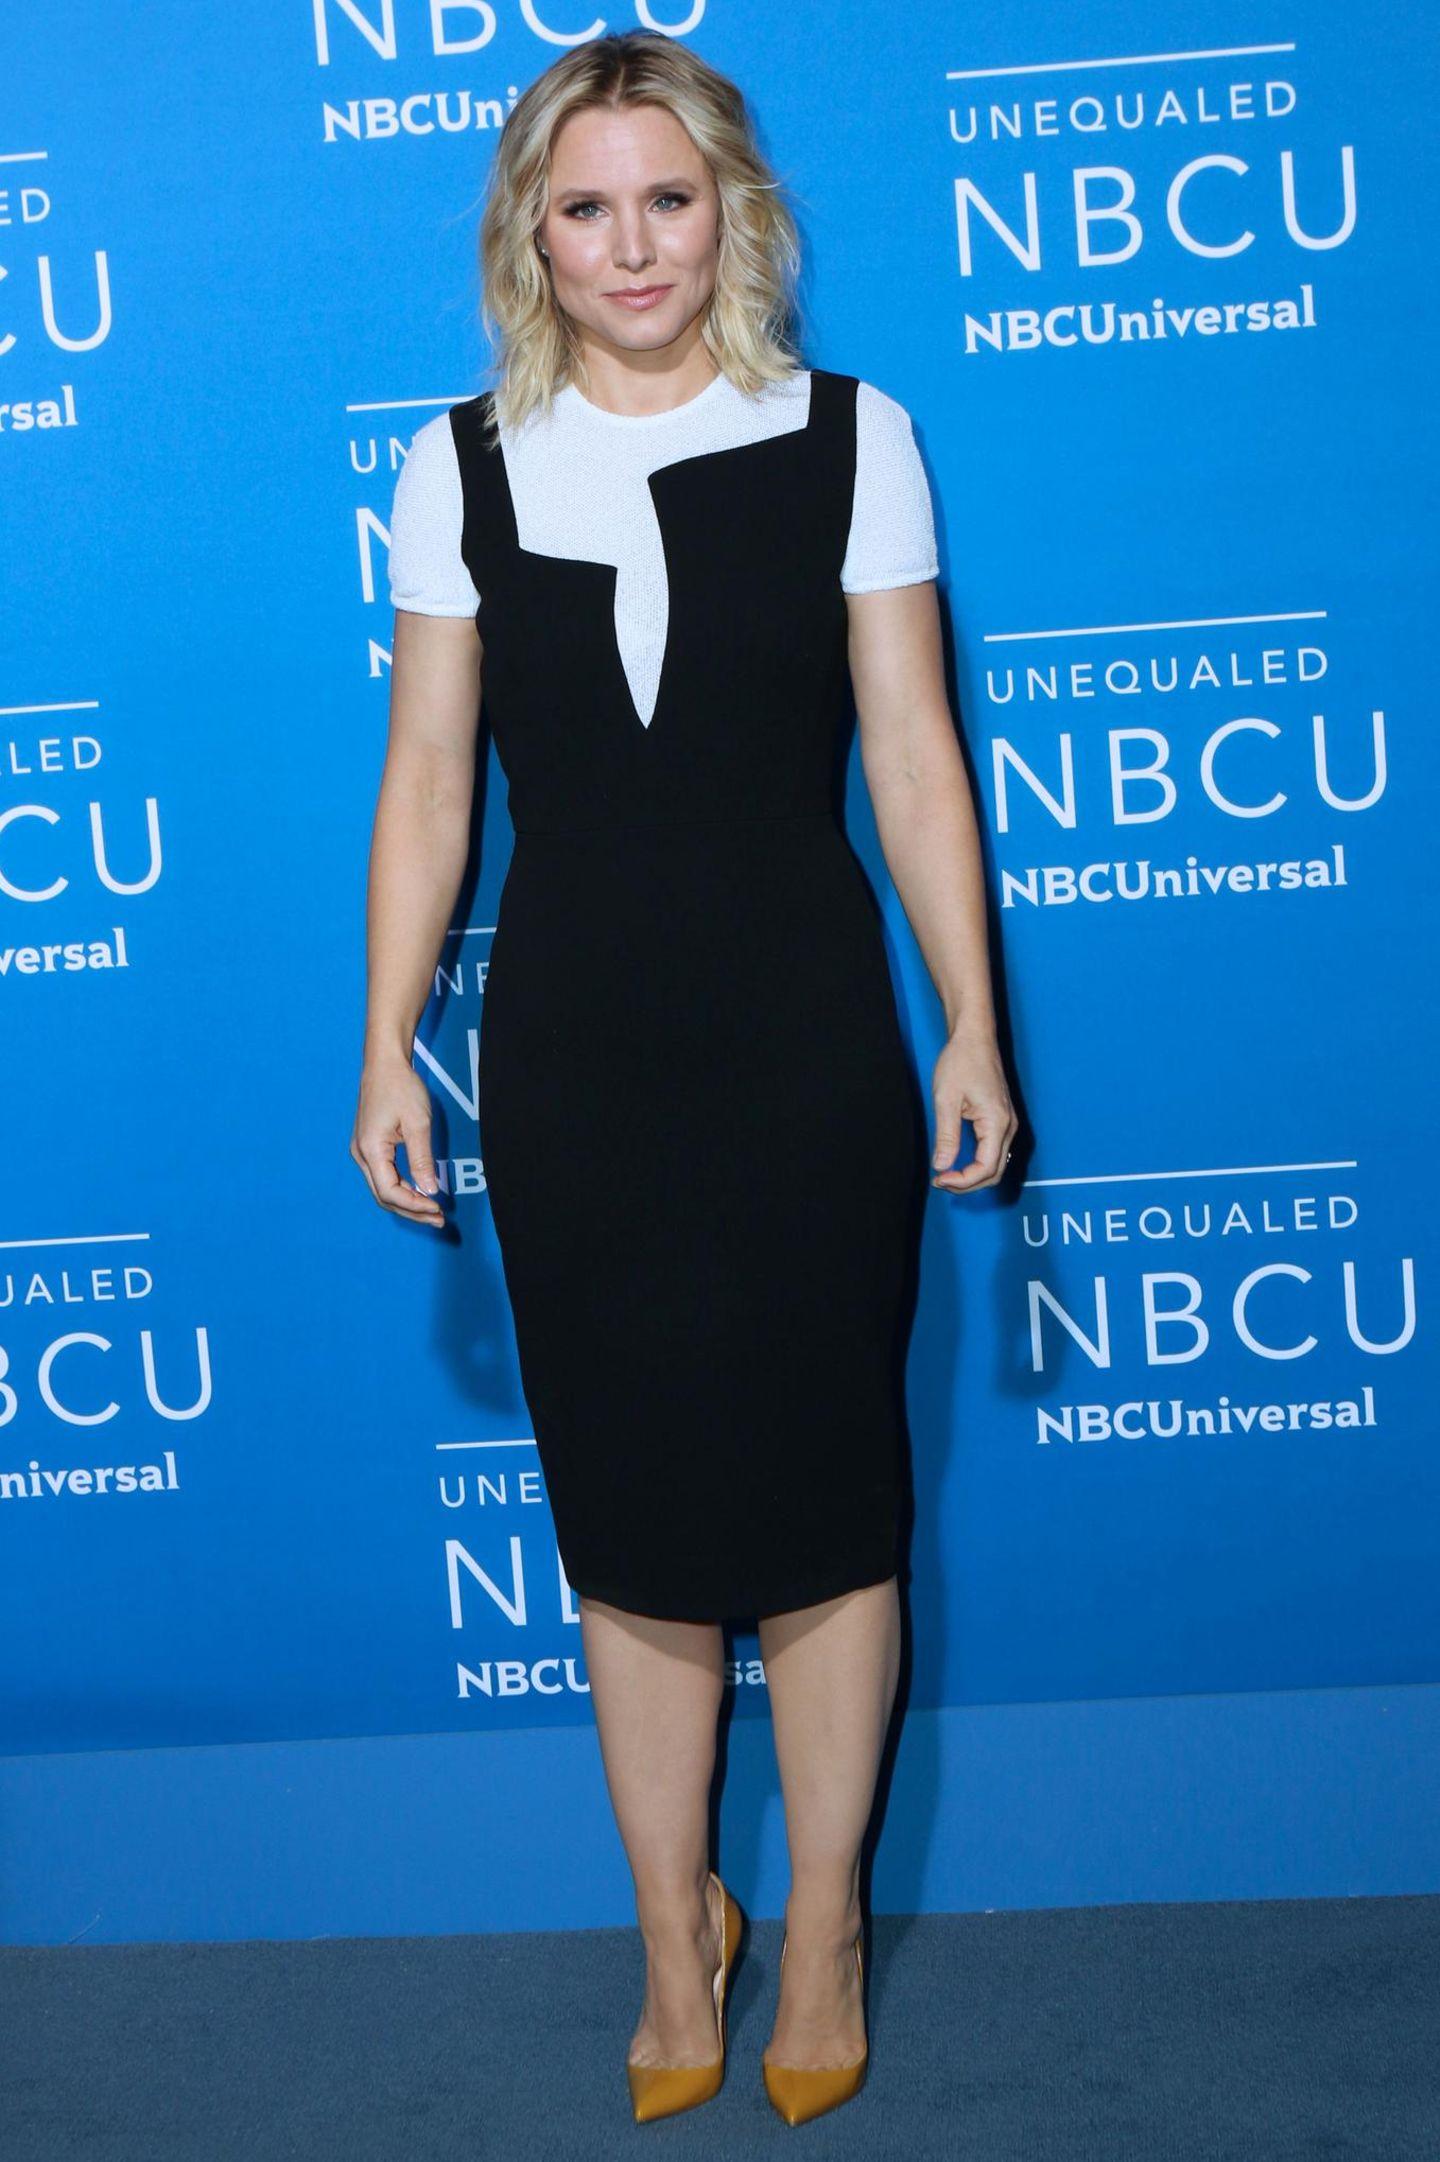 Kristen Bells Kleid sieht wie die längere Variante von Jennifer Hudsons Mini aus. Der etwas variierte Schnitt macht das ganze Outfit aber auch nicht besser.